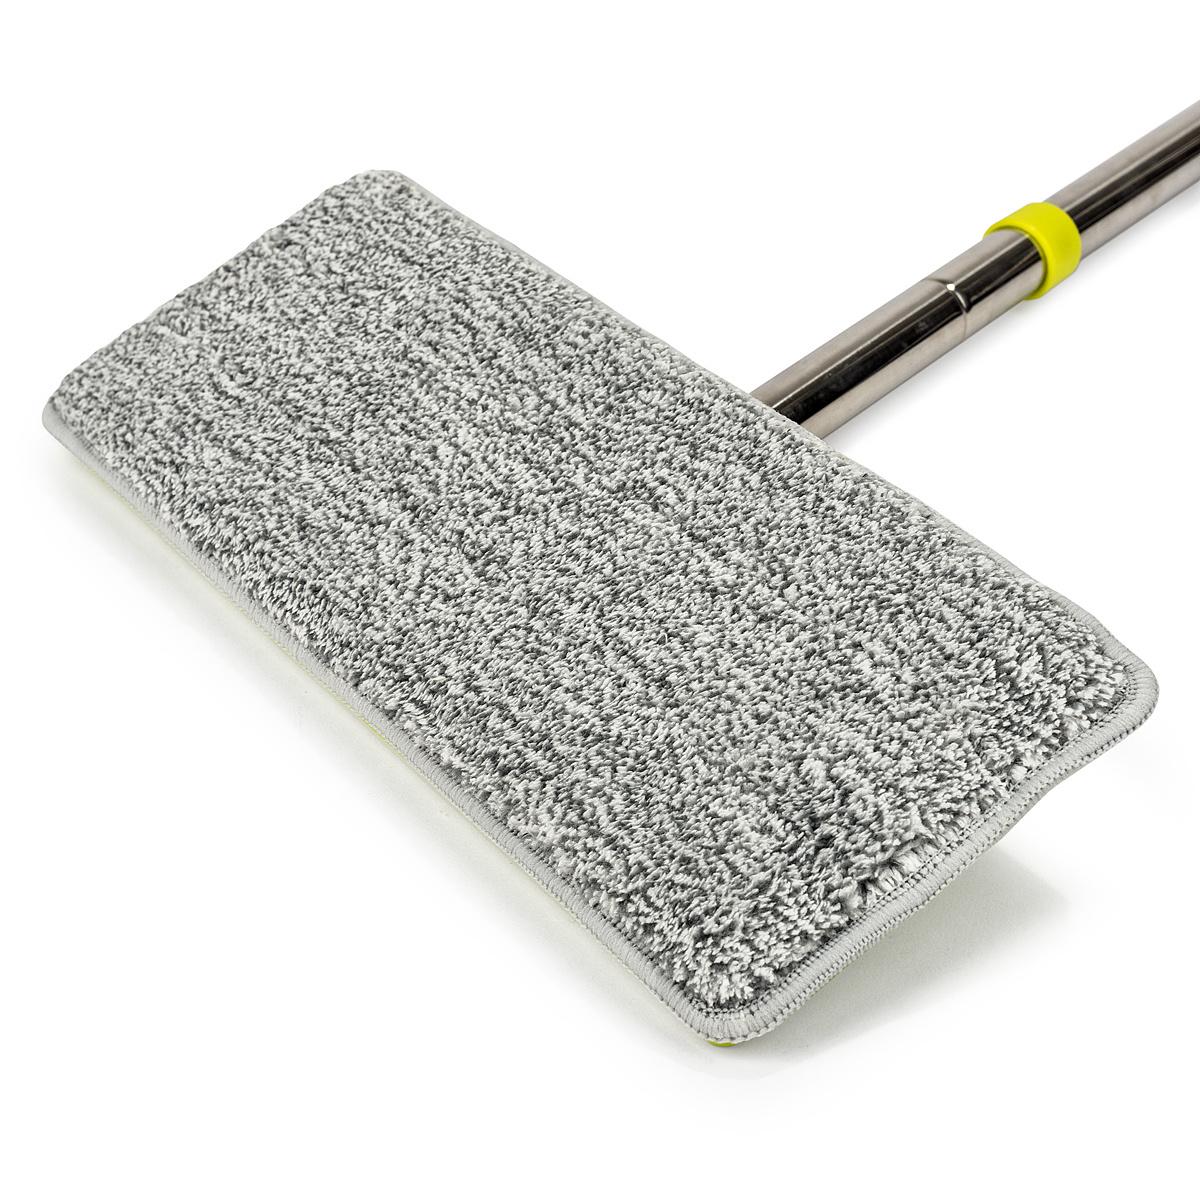 Produktové foto 4Home Rapid Clean Compact Mop